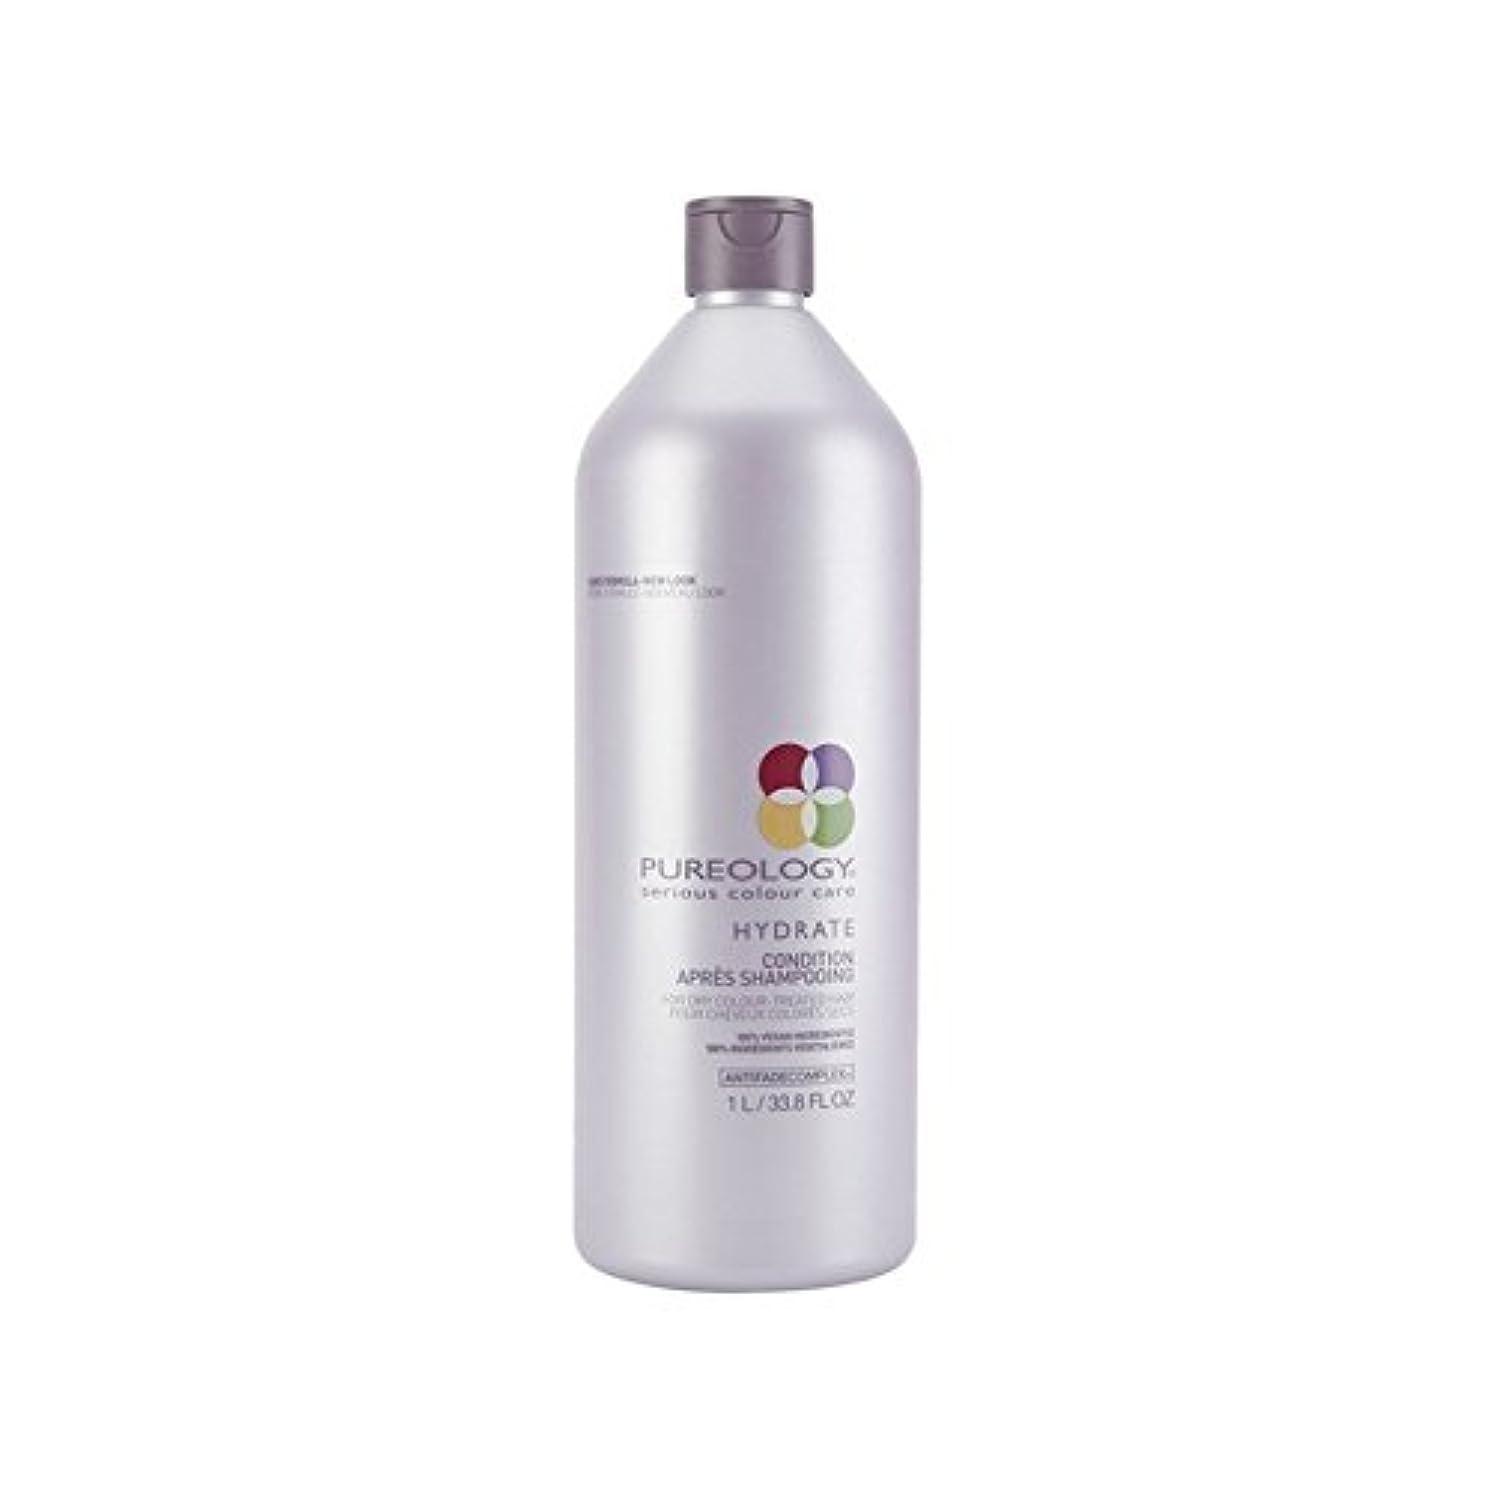 説明礼儀ブルーム純粋な水和物コンディショナー(千ミリリットル) x4 - Pureology Pure Hydrate Conditioner (1000ml) (Pack of 4) [並行輸入品]